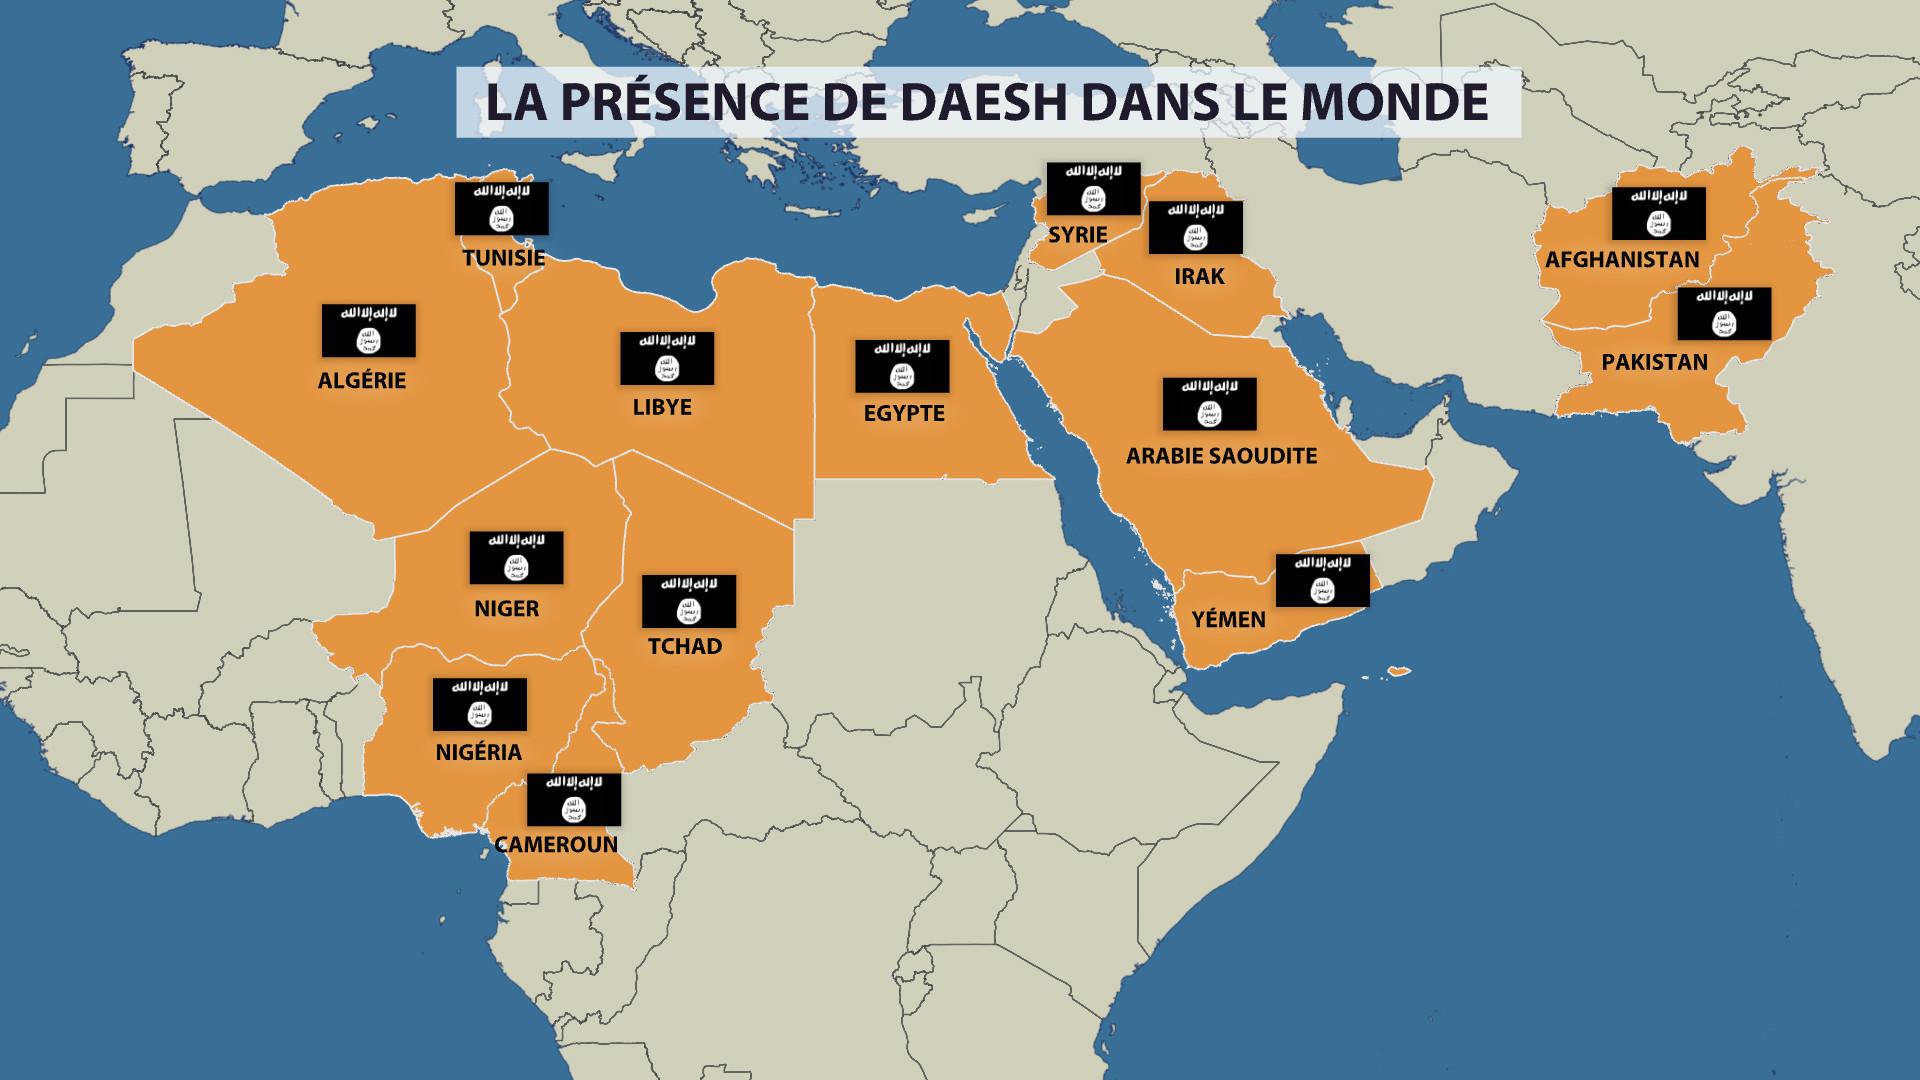 Le groupe djihadiste sahélien Al-Mourabitoune prêt à rejoindre Daesh